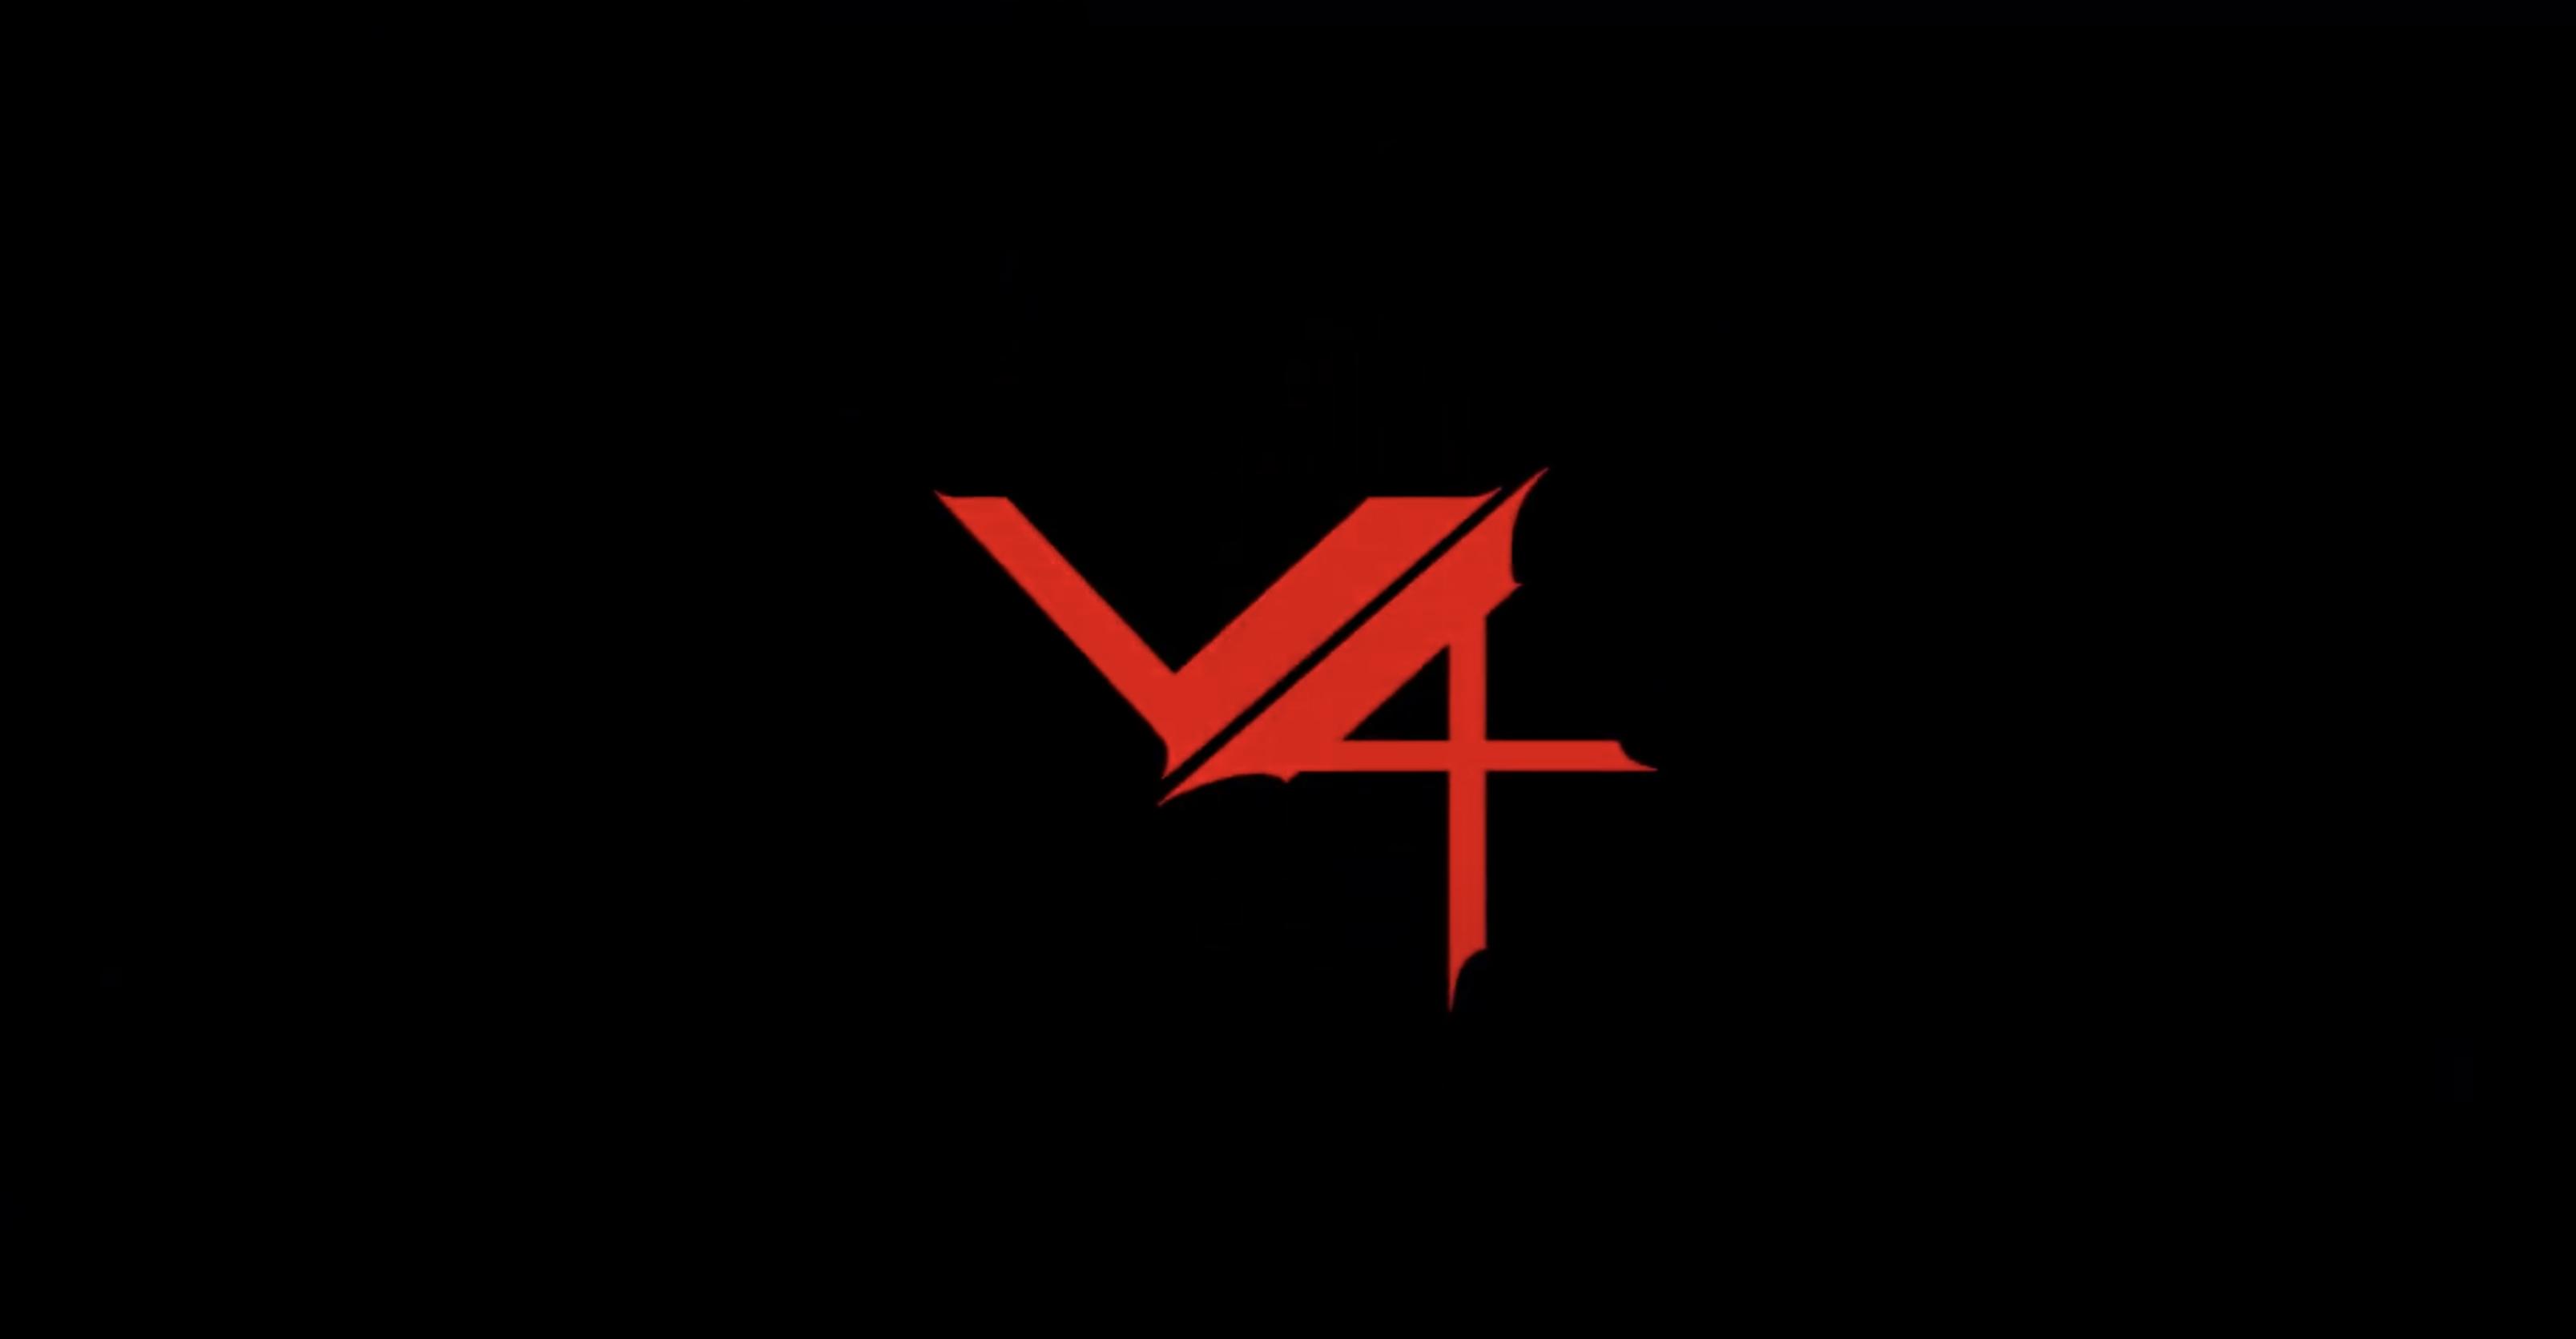 【V4】PCとスマホの配信日・リリース日はいつ?事前登録情報